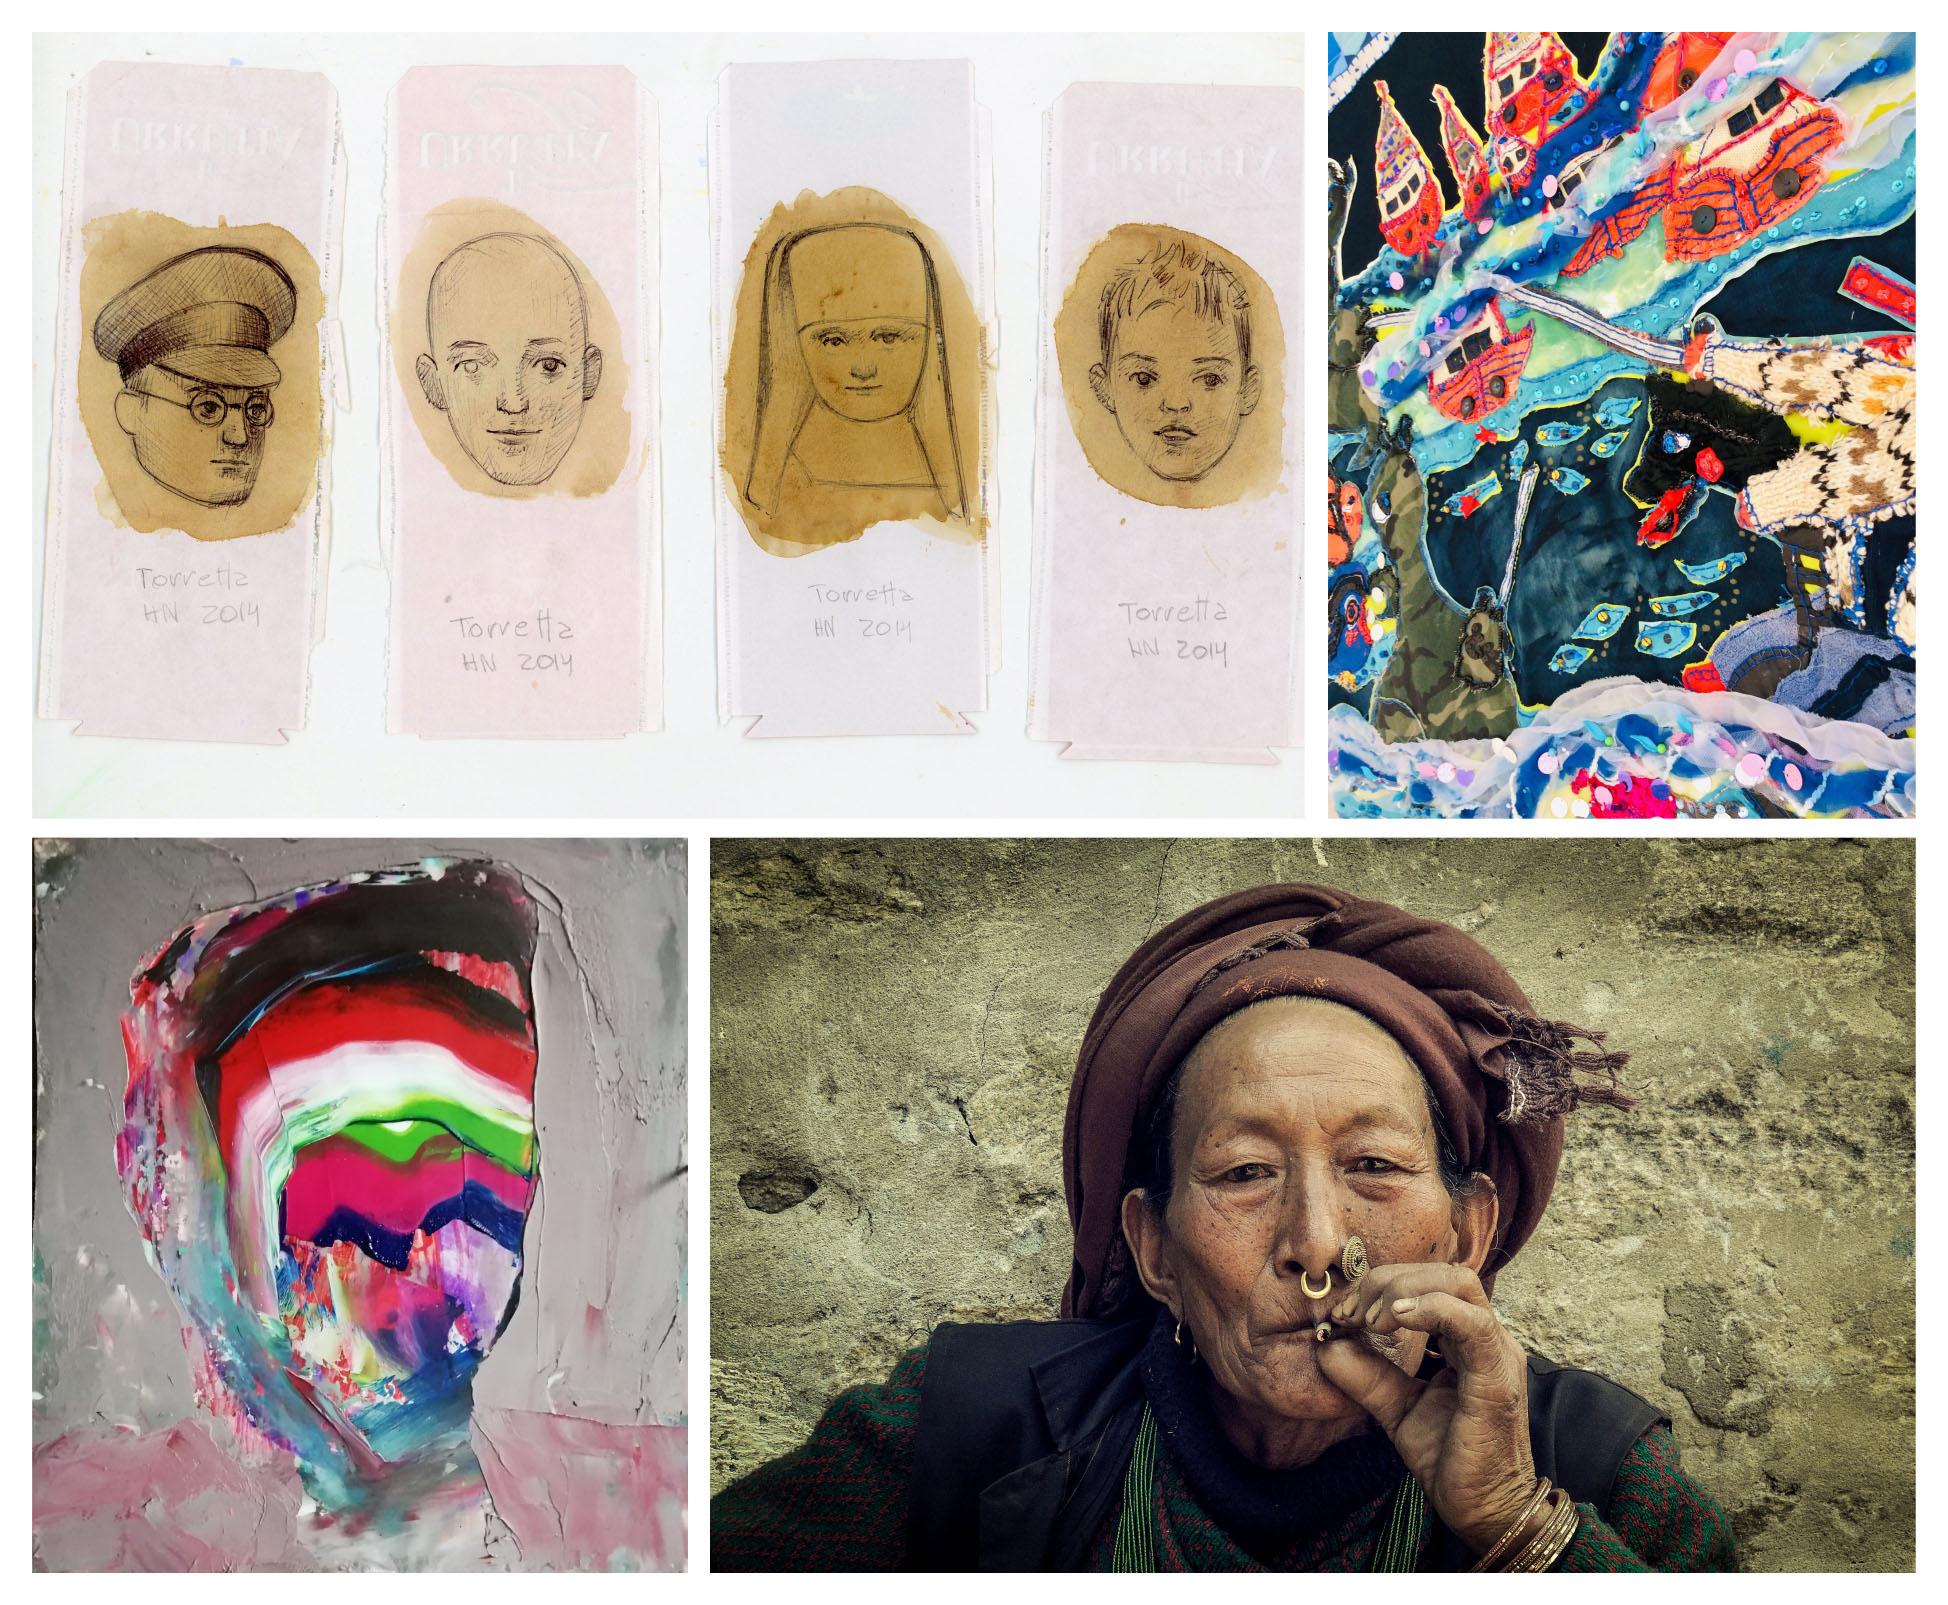 CONTINÚAN LAS MUESTRAS DE ARTES VISUALES Y FOTOGRAFÍA EN EL AUDITORIUM